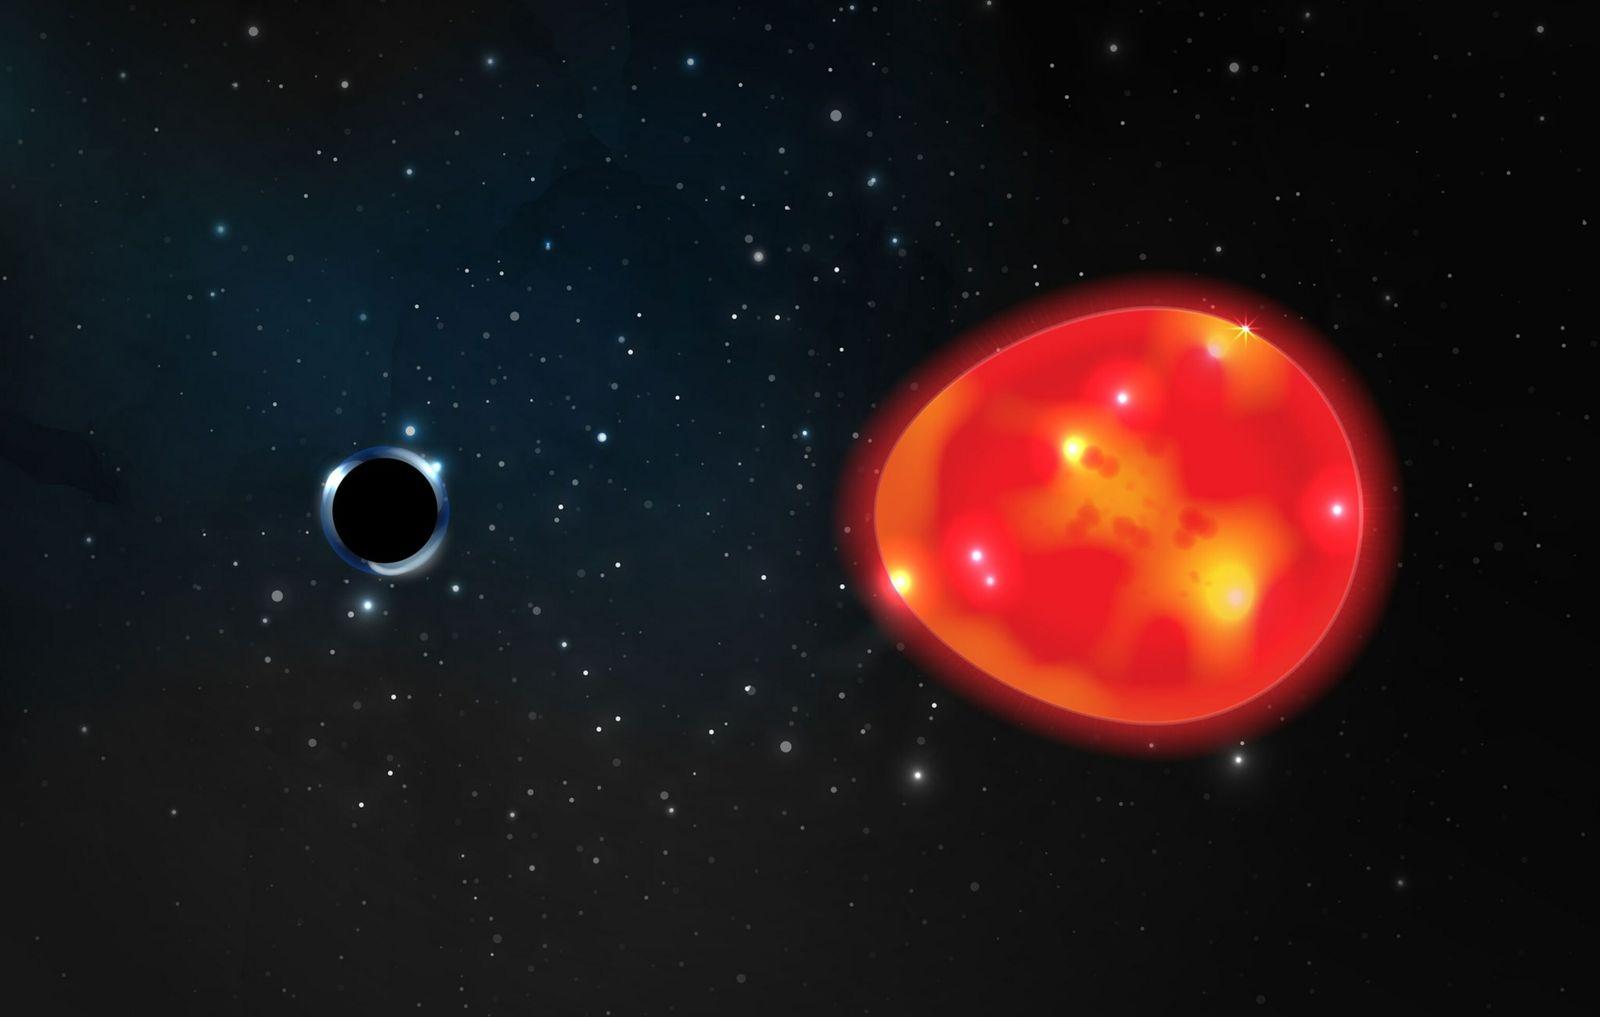 blackhole redgiant tidaldistortion final jpg?w=1600.